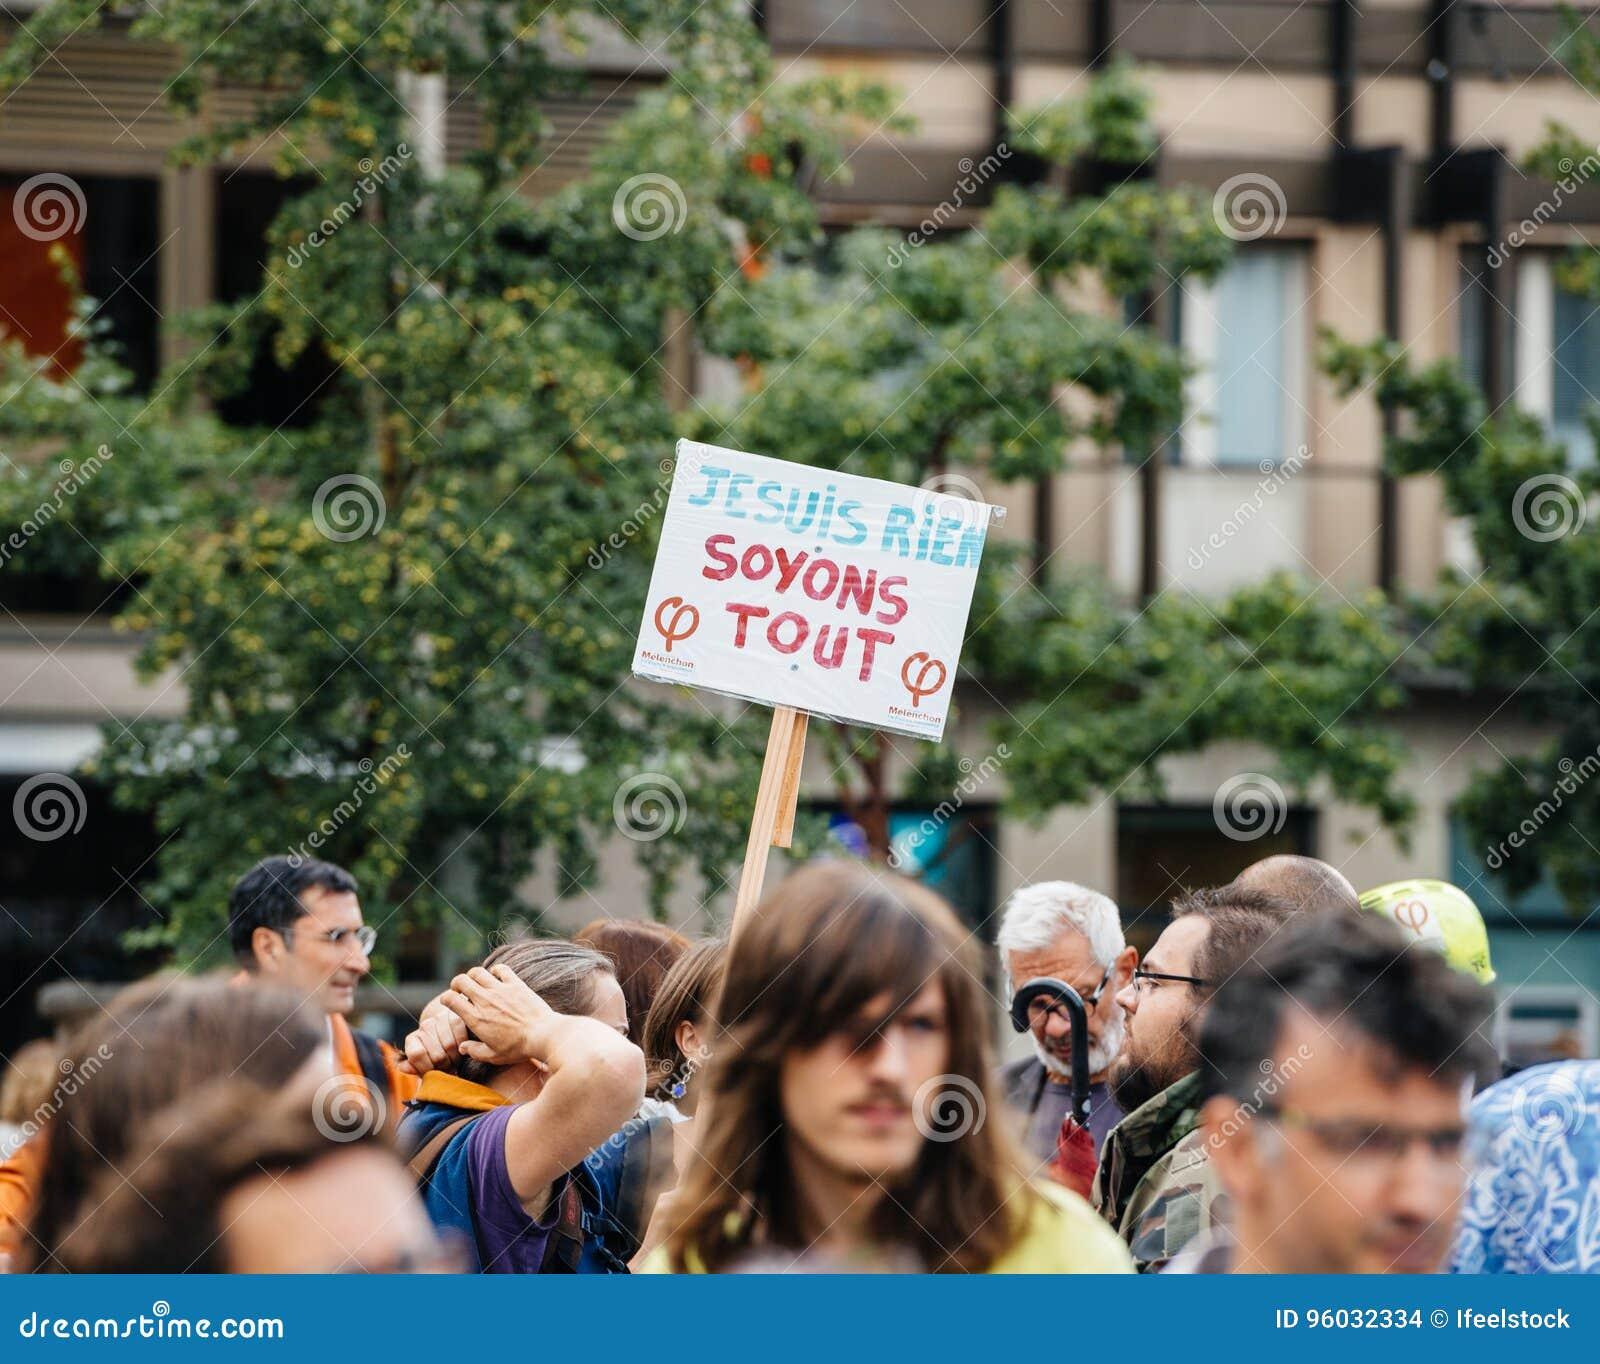 Je suis rien przy protestem przeciw Macron, soyons konika plakat